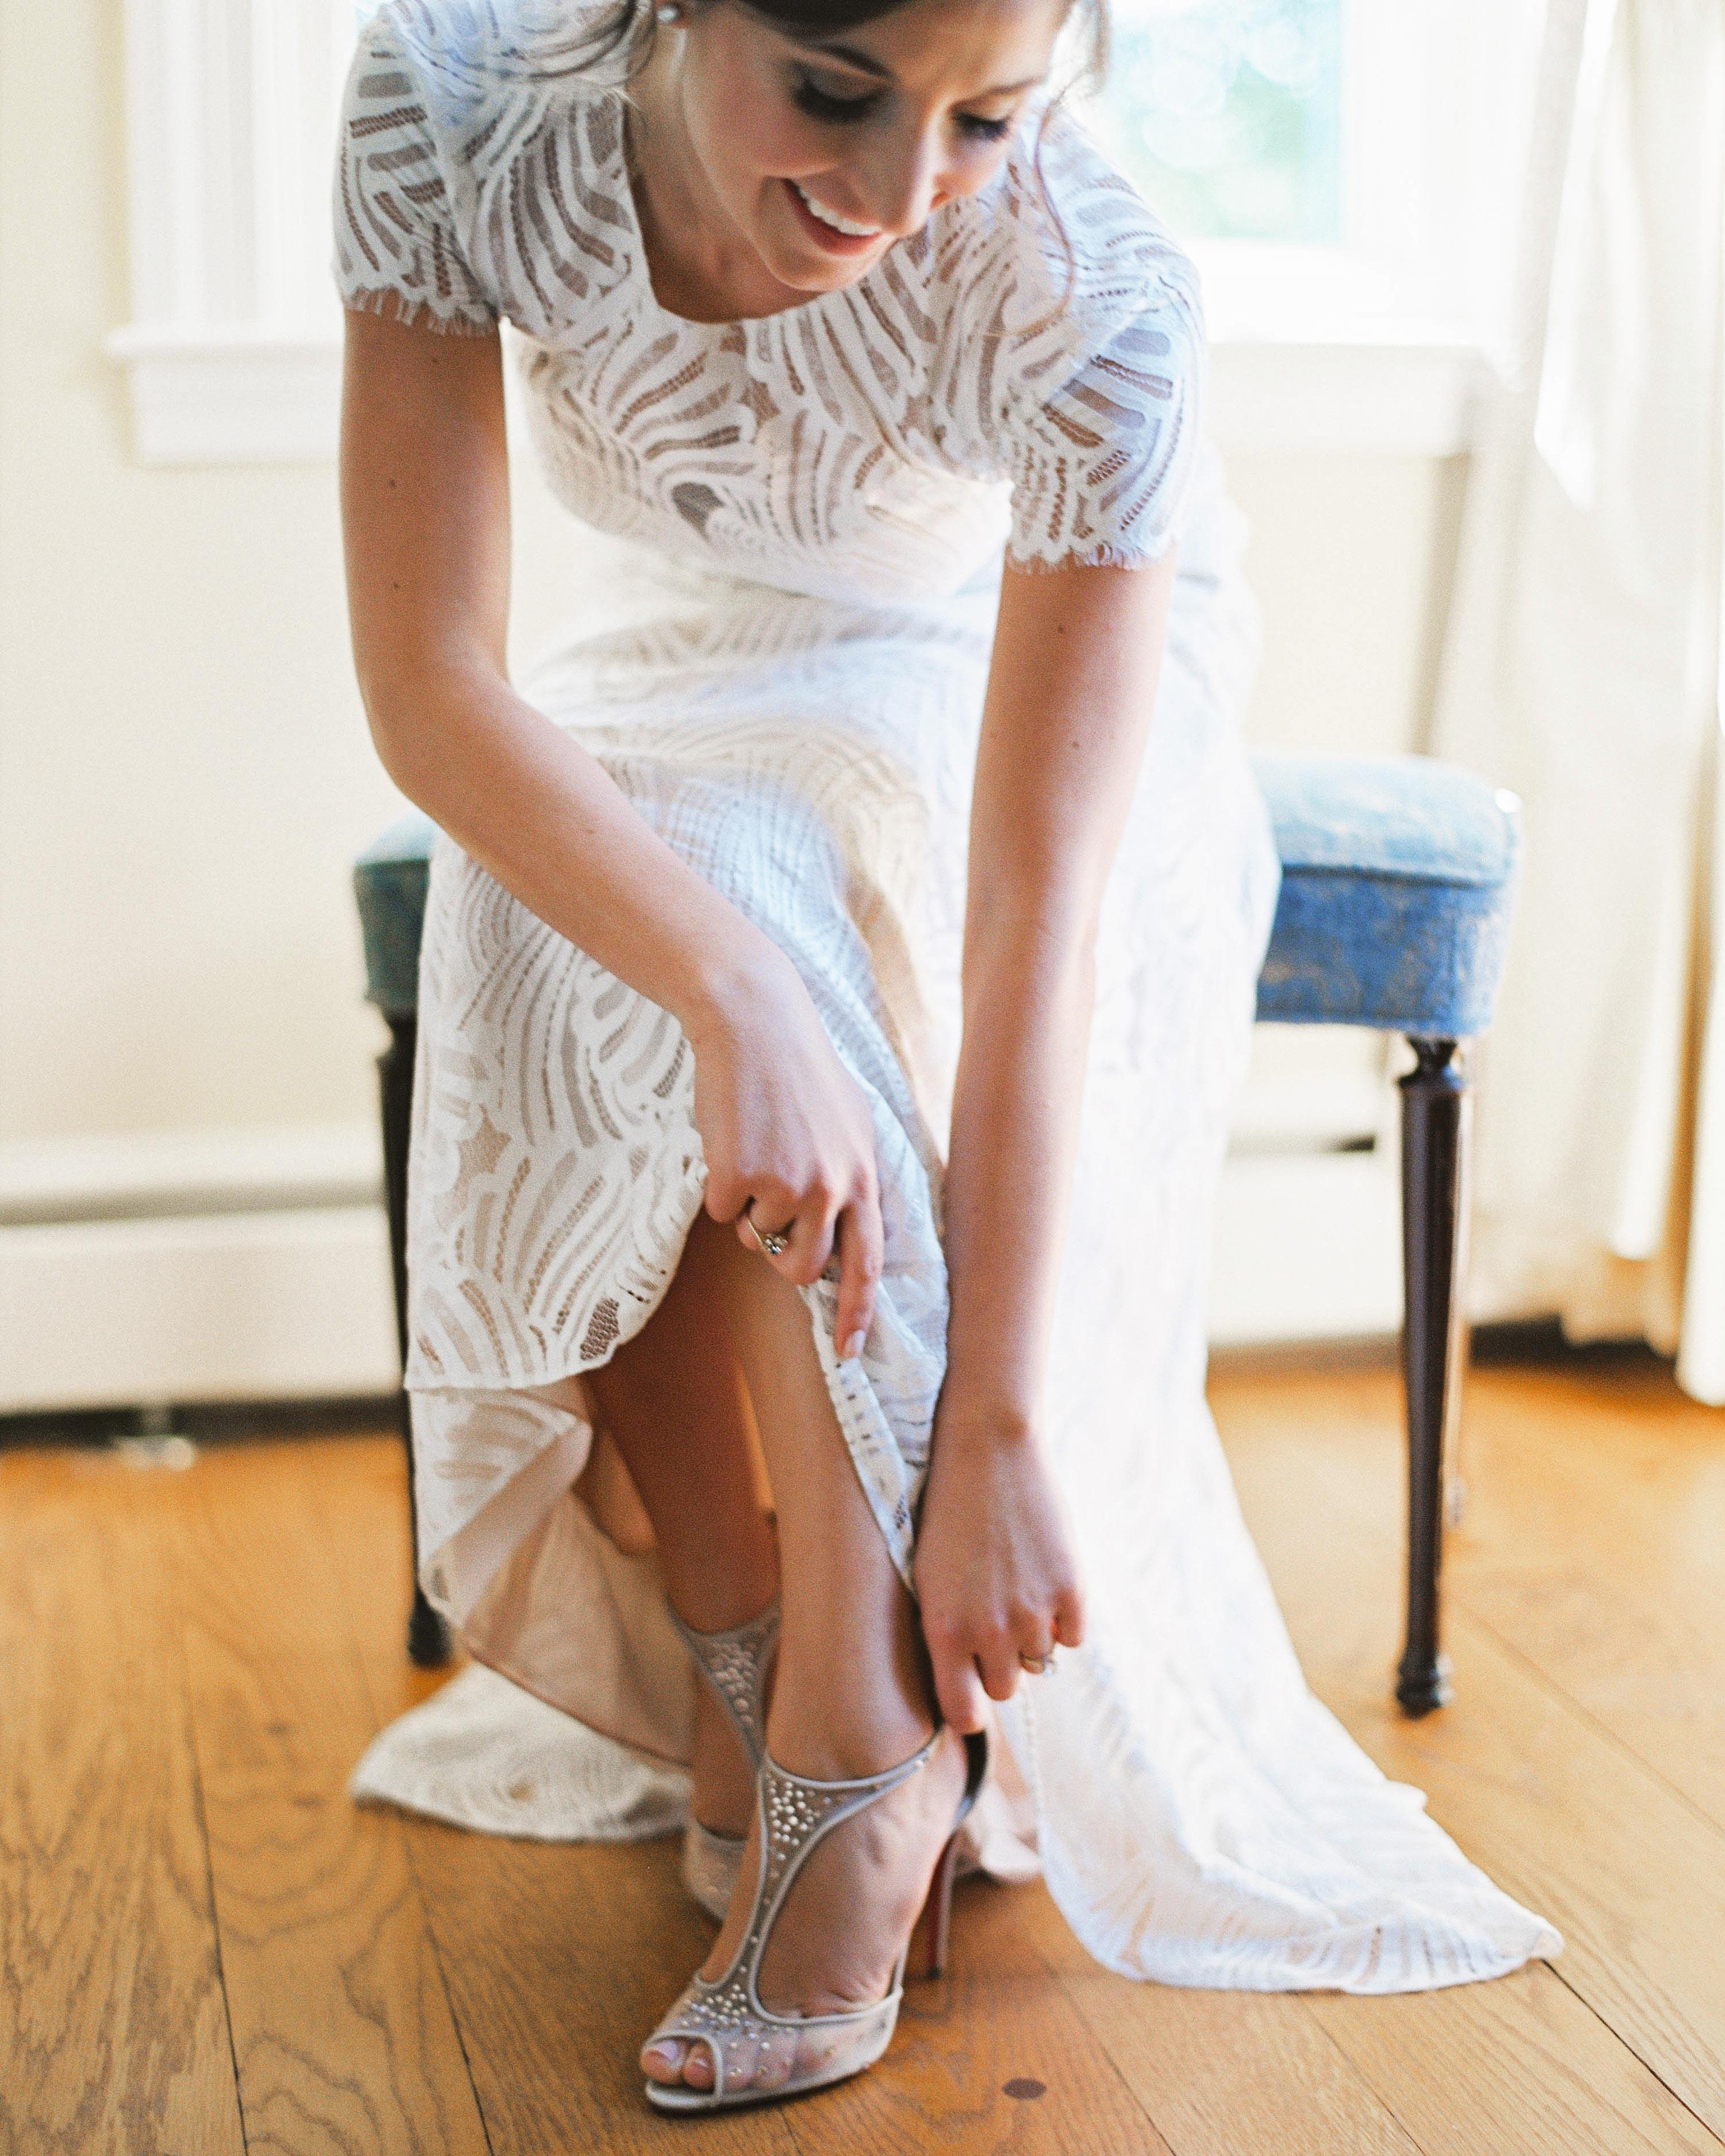 amy-garrison-wedding-shoes-00101-6134266-0816.jpg